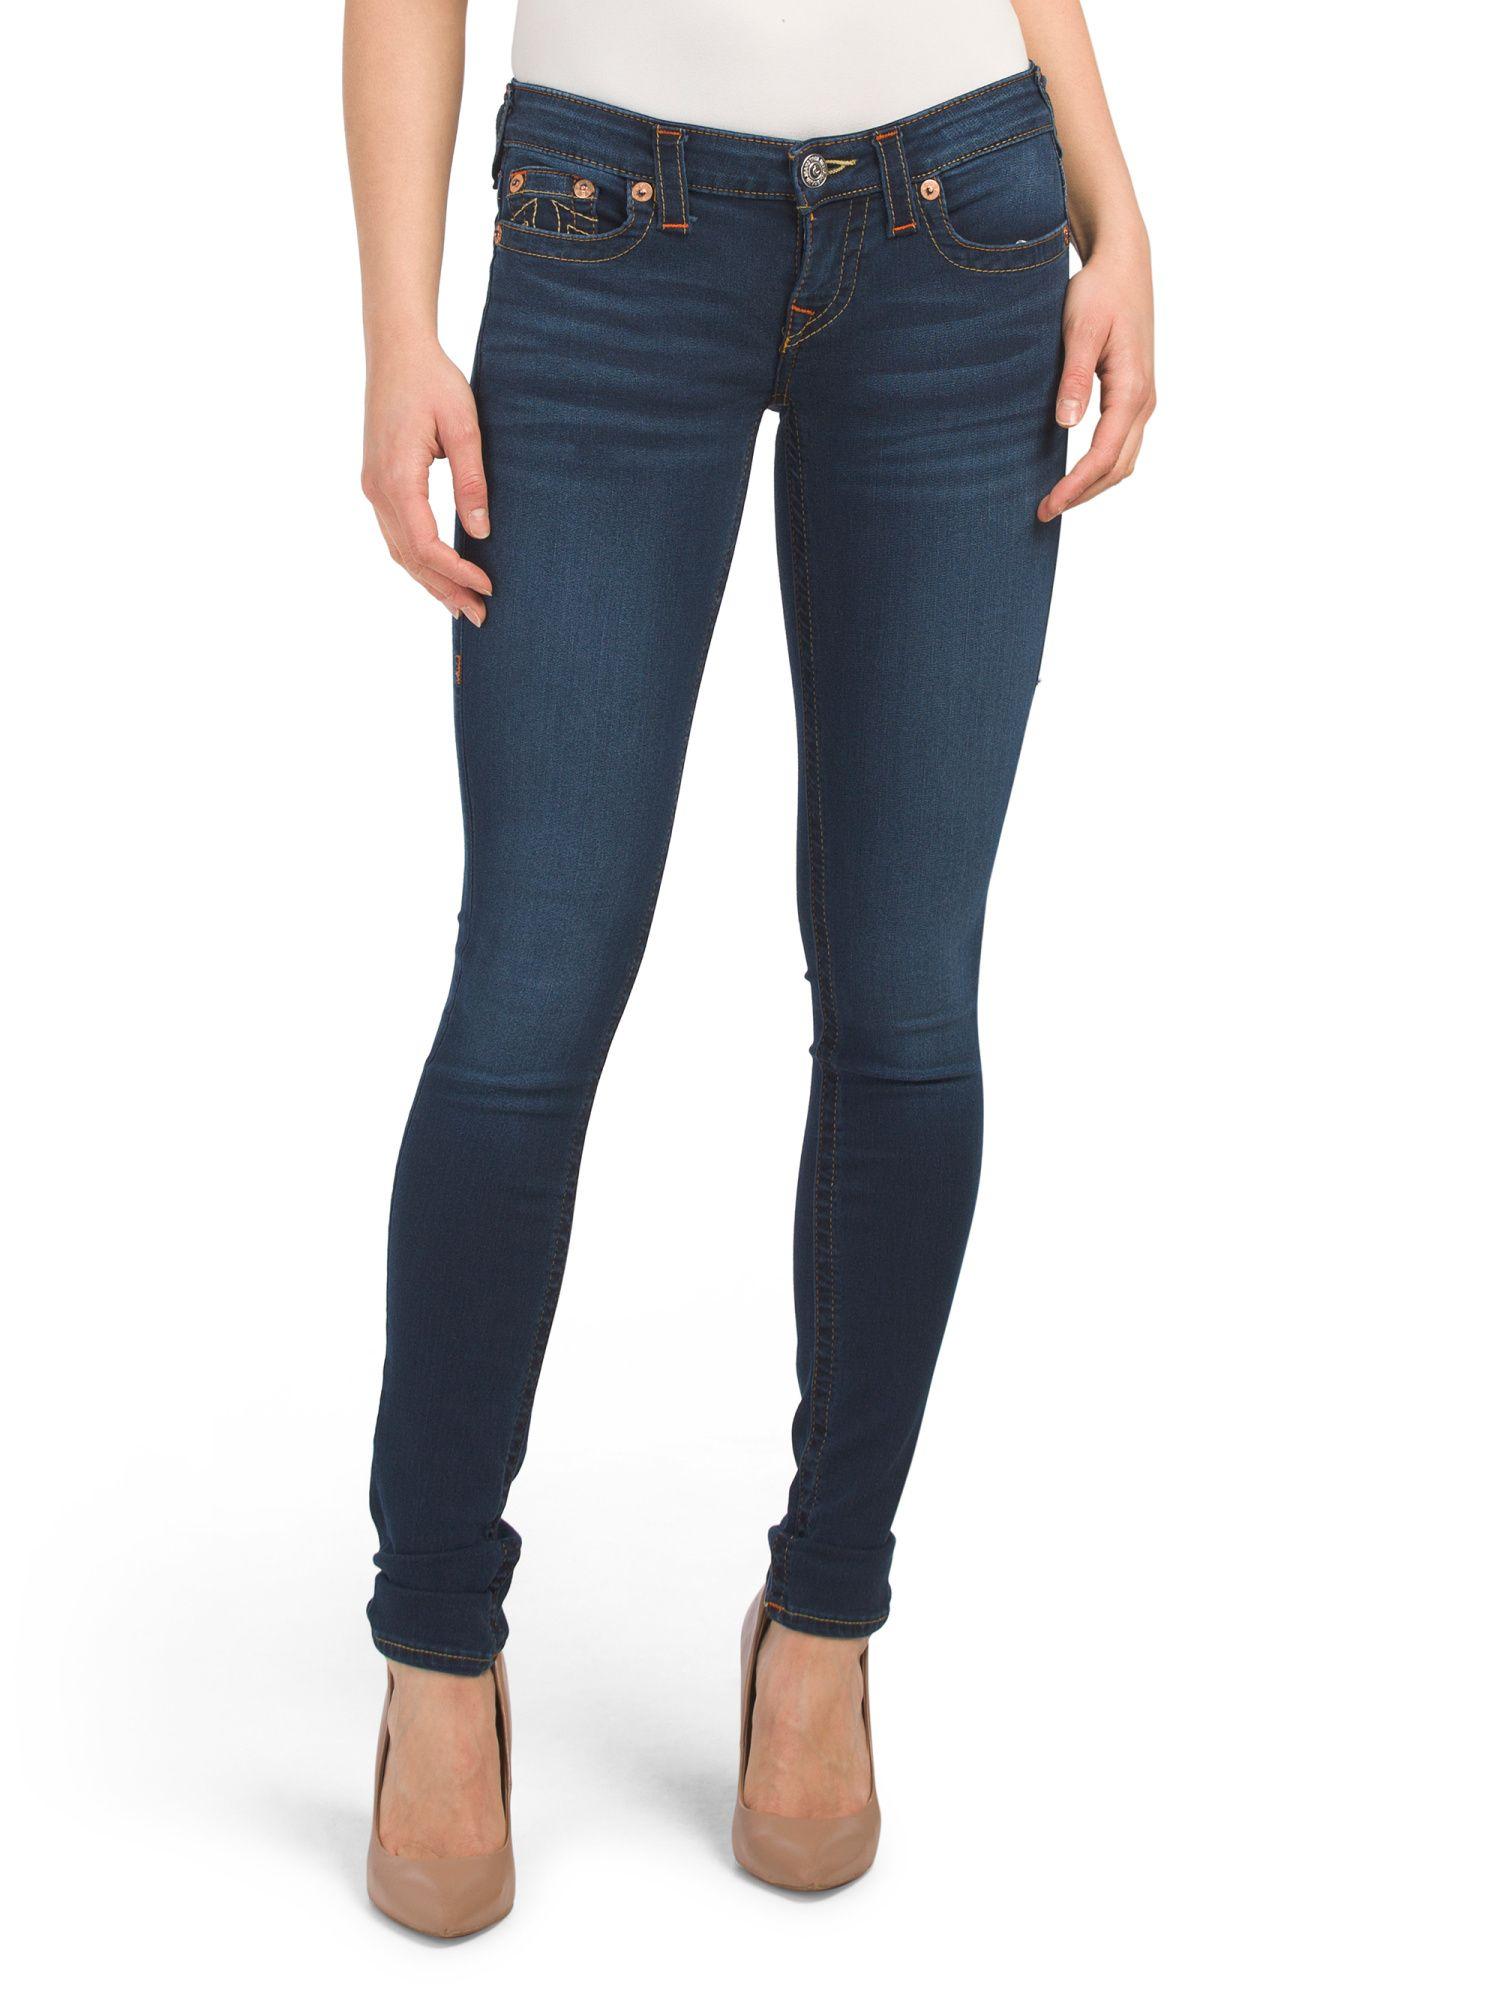 Skinny Contour Jeans New Arrivals T J Maxx Skinny Jeans Tj Maxx